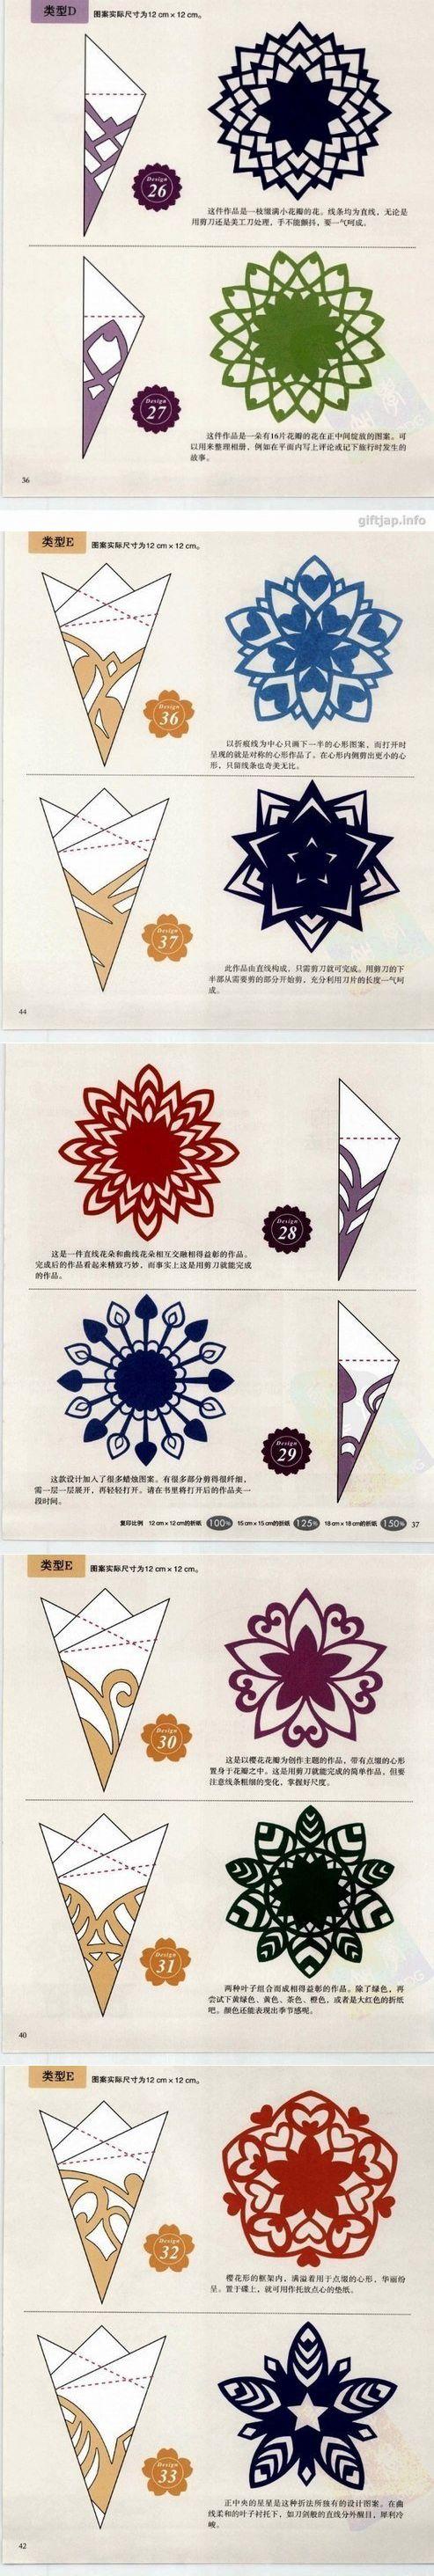 Оригинальная снежинка из бумаги схемы